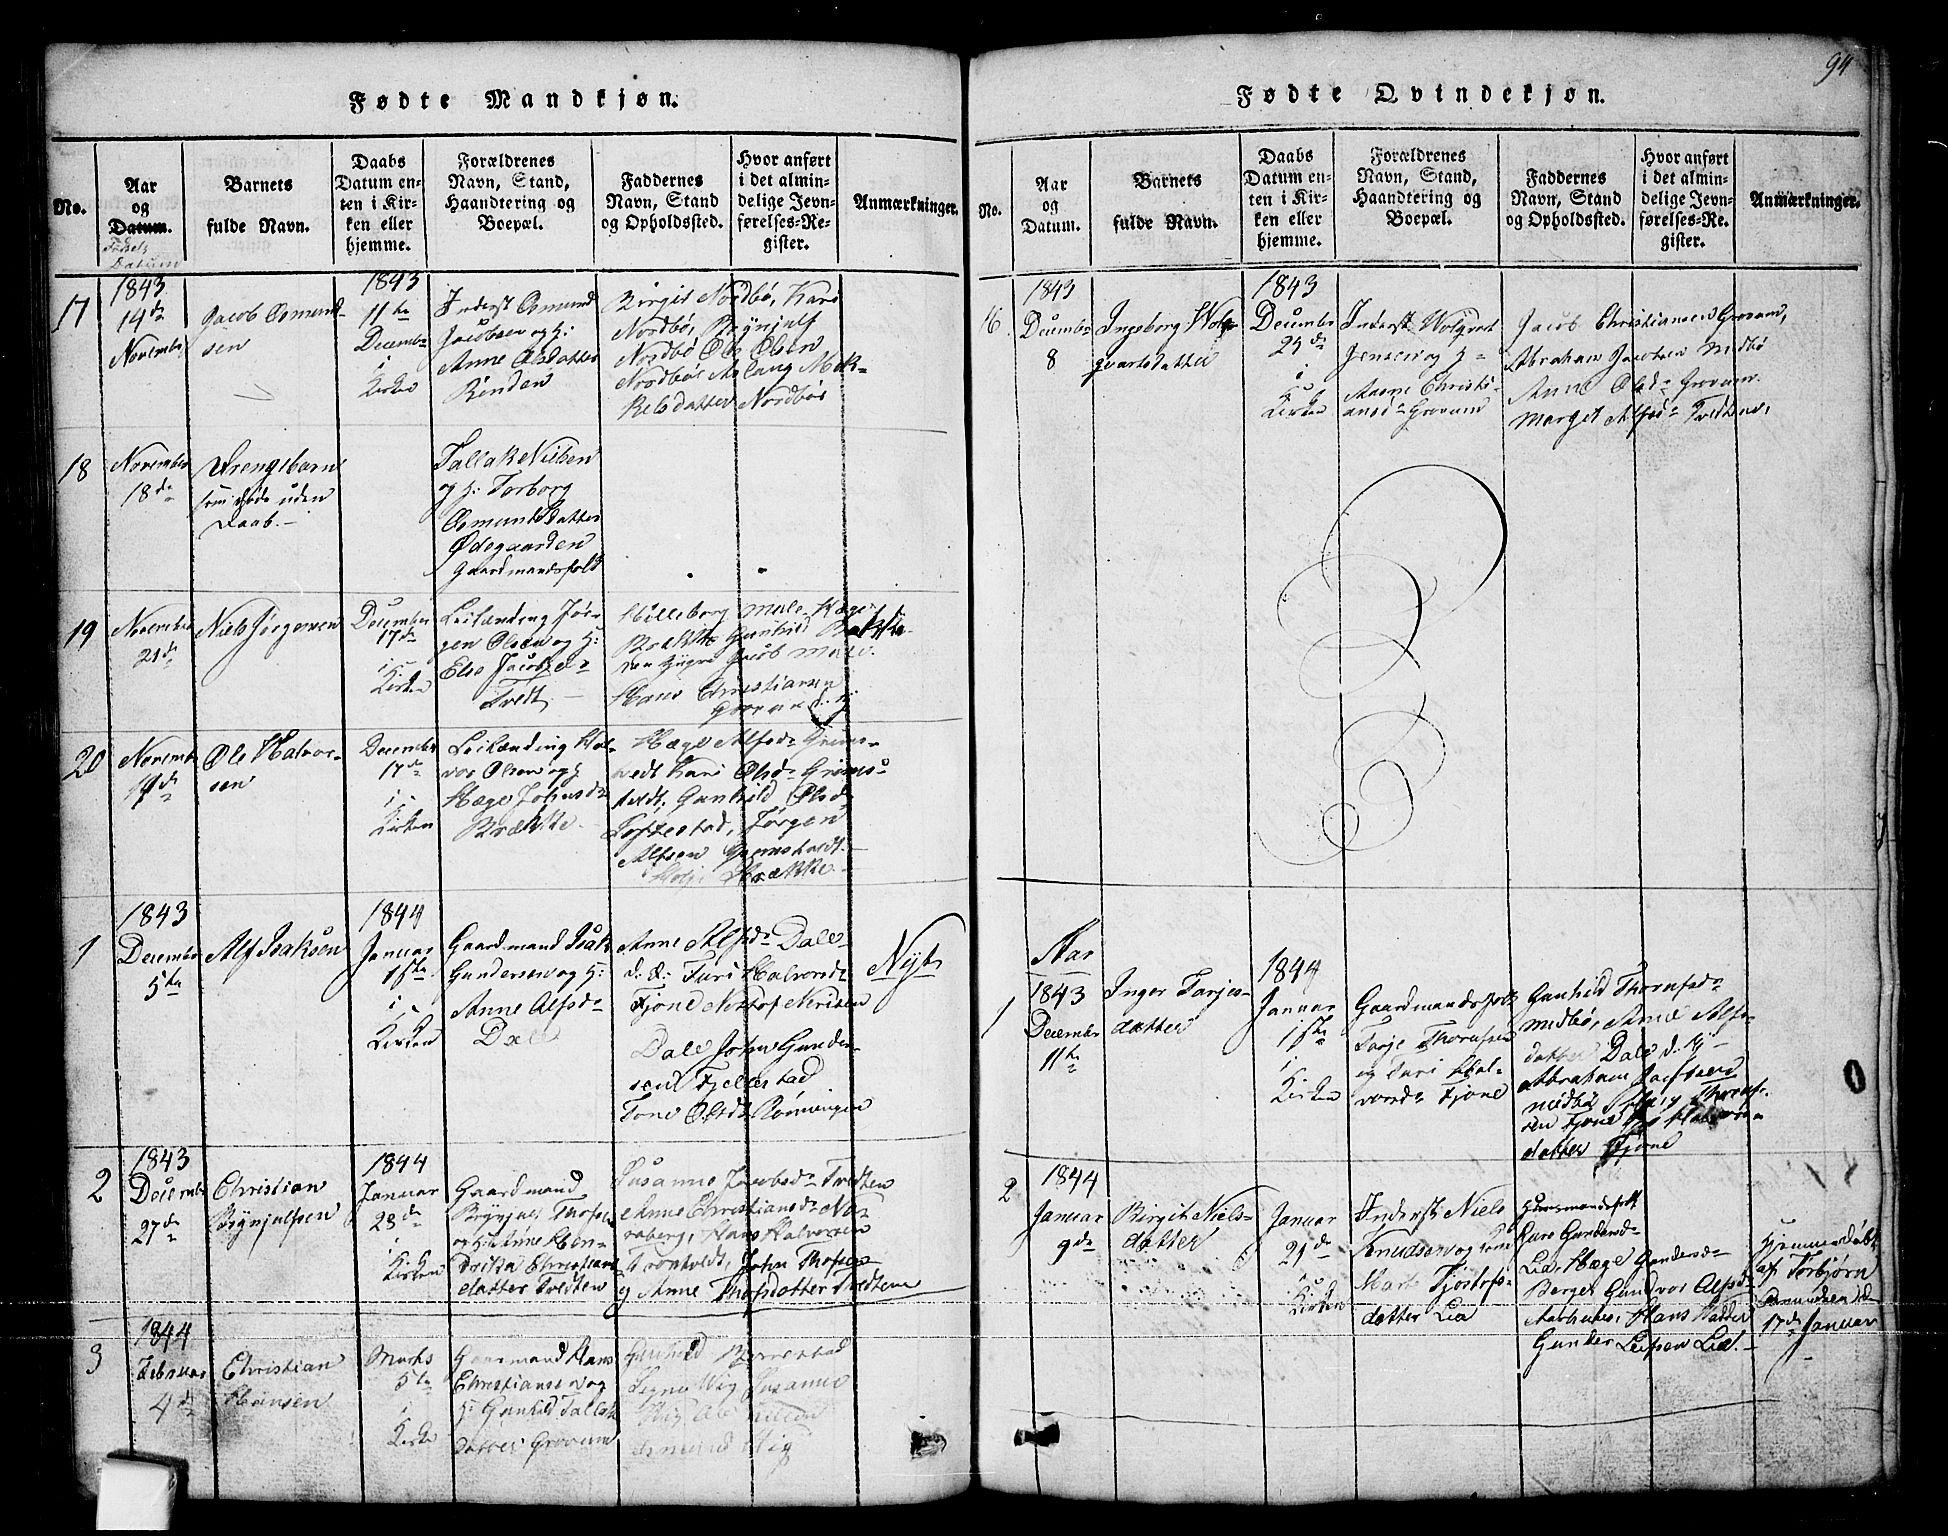 SAKO, Nissedal kirkebøker, G/Ga/L0001: Klokkerbok nr. I 1, 1814-1860, s. 94